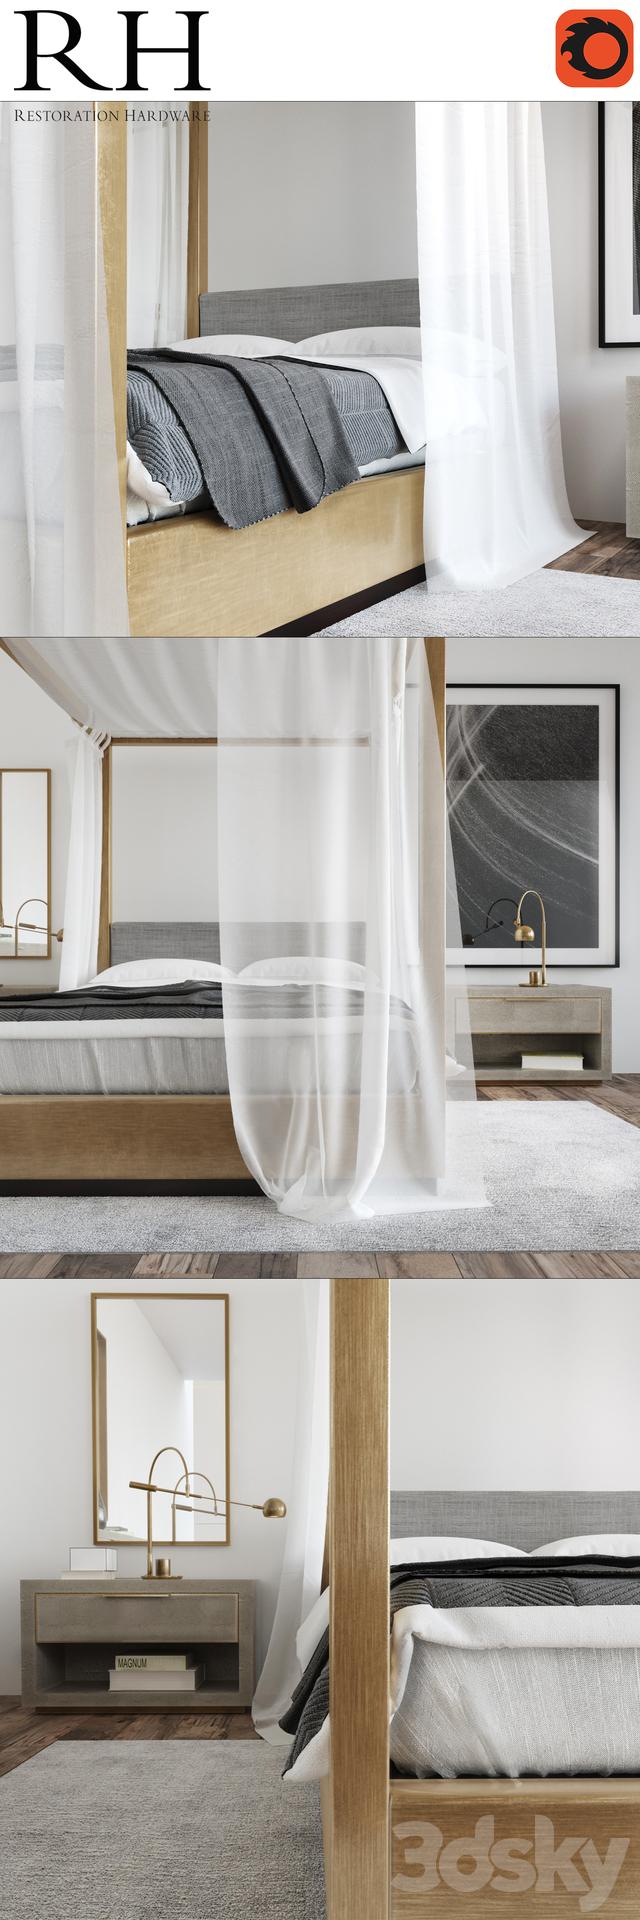 3d models other restoration hardware modern bedroom. Black Bedroom Furniture Sets. Home Design Ideas